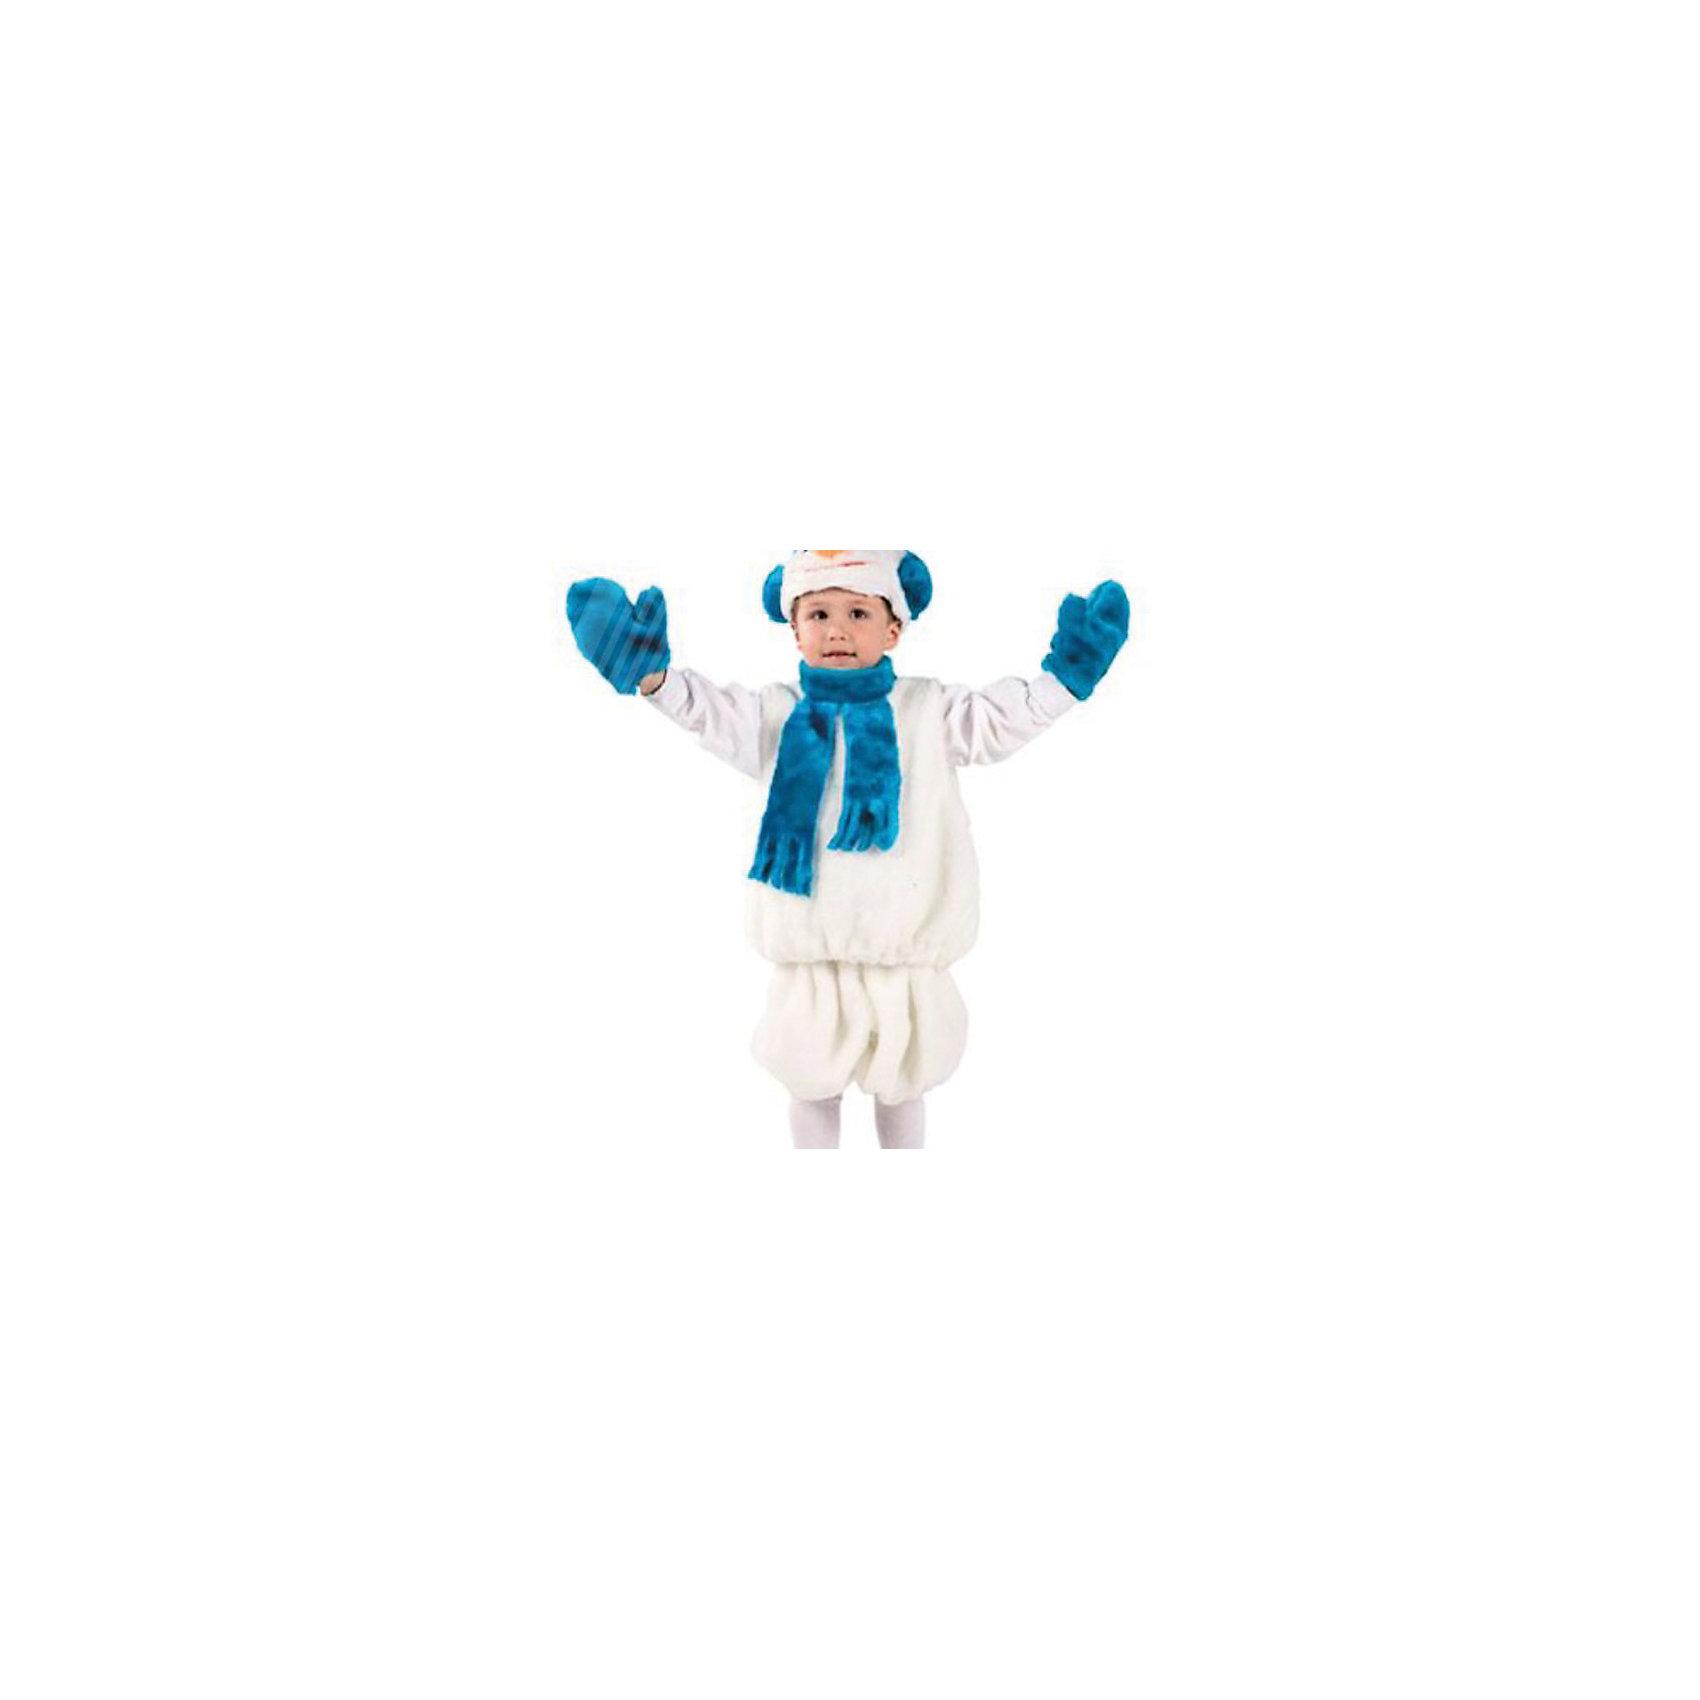 Карнавальный костюм Снеговик (мех), БатикКарнавальный костюм Снеговик (мех), Батик<br><br>Характеристики:<br><br>• Материал:  мех искусственный, волокно полиэфирное, полотно трикотажное. <br>• Цвет: белый, синий.<br>• В комплект входит: маска, безрукавка, шорты, варежки.<br><br>Какое же новогоднее приключение без забавного снеговика? Карнавальный костюм Снеговик от Батик, поможет вашему ребенку создать образ веселого и забавного снеговика. Любой мальчик в костюмчике Снеговик будет располагать к себе внимание на любом детском празднике или спектакле. Костюм состоит из забавных и белоснежных объёмных шорт, объёмной безрукавки и ярким синим шарфом, маска в виде головы снеговика белого цвета и синего цвета варежки. Обязательный атрибут Снеговика- это нос- морковка на маске. Весь костюмчик выполнен из качественного искусственного меха из серии Батик-Мех.<br><br>Карнавальный костюм Снеговик (мех), Батик, можно купить в нашем интернет-магазине!<br><br>Ширина мм: 500<br>Глубина мм: 50<br>Высота мм: 700<br>Вес г: 600<br>Цвет: разноцветный<br>Возраст от месяцев: 48<br>Возраст до месяцев: 60<br>Пол: Мужской<br>Возраст: Детский<br>Размер: 28<br>SKU: 5092499